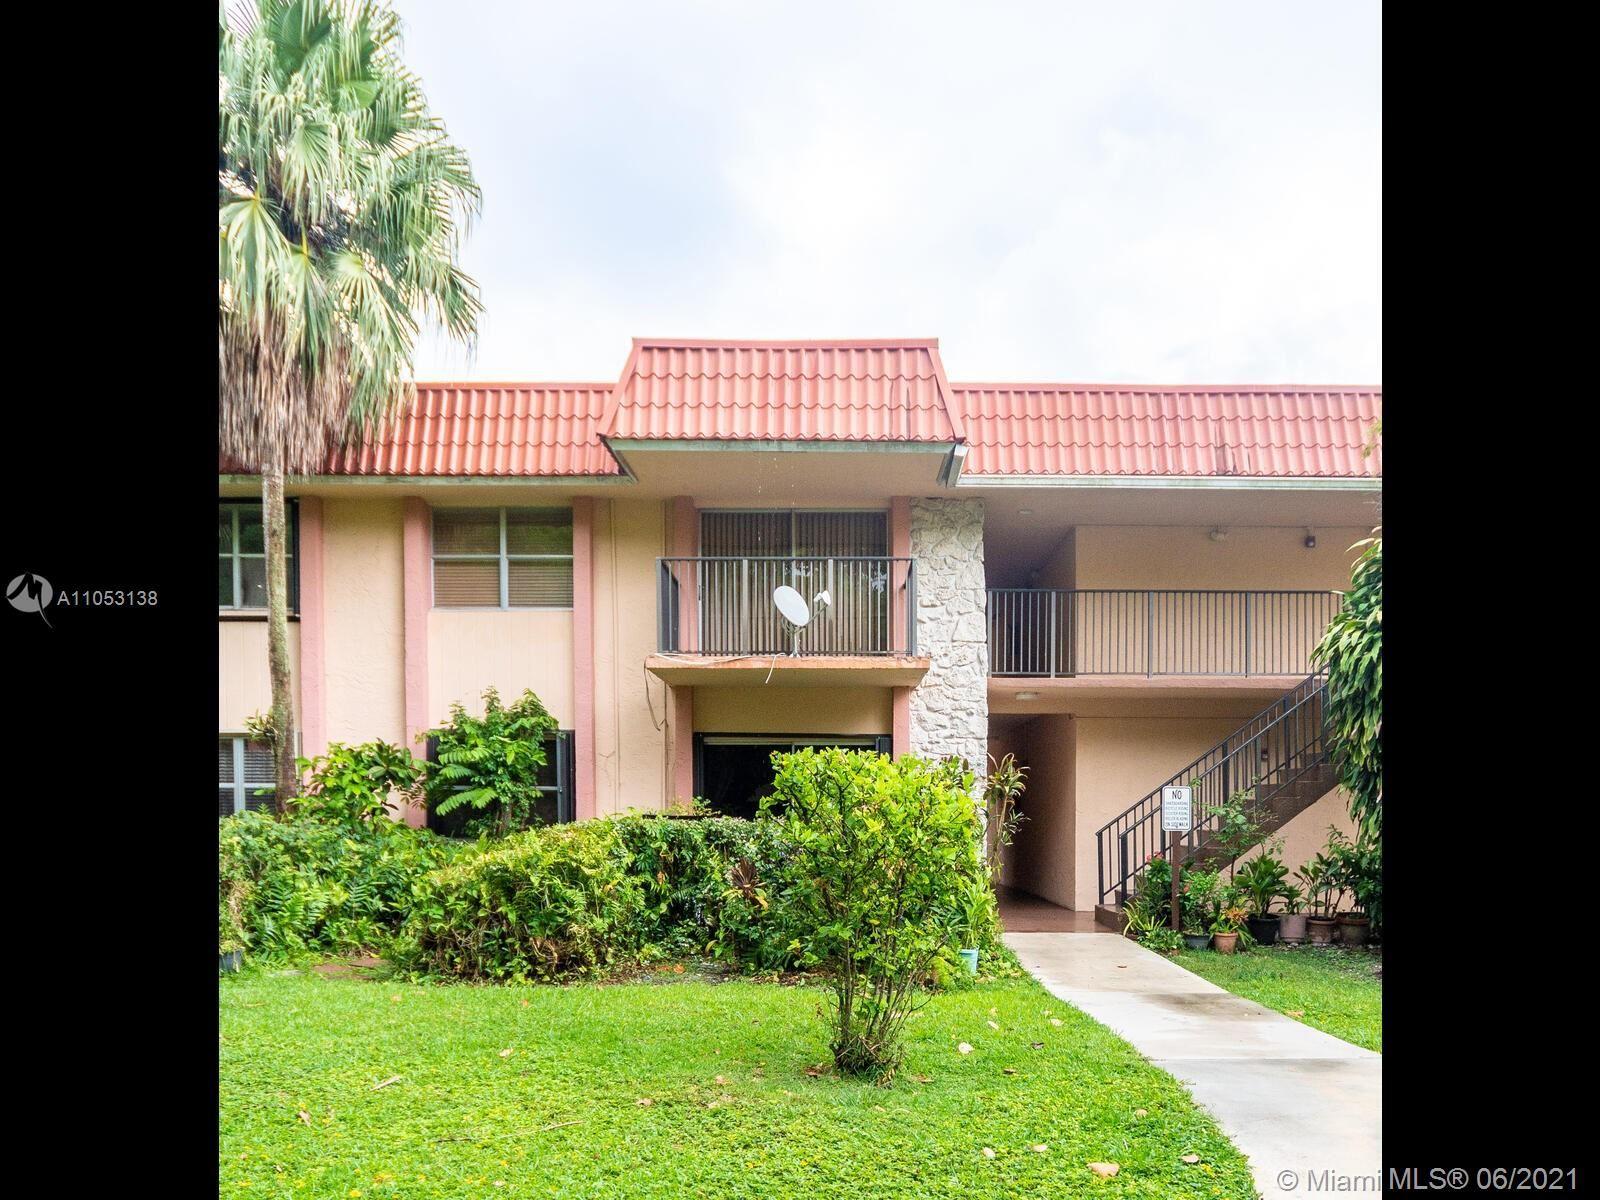 10447 SW 108th Ave #266, Miami, FL 33176 - #: A11053138